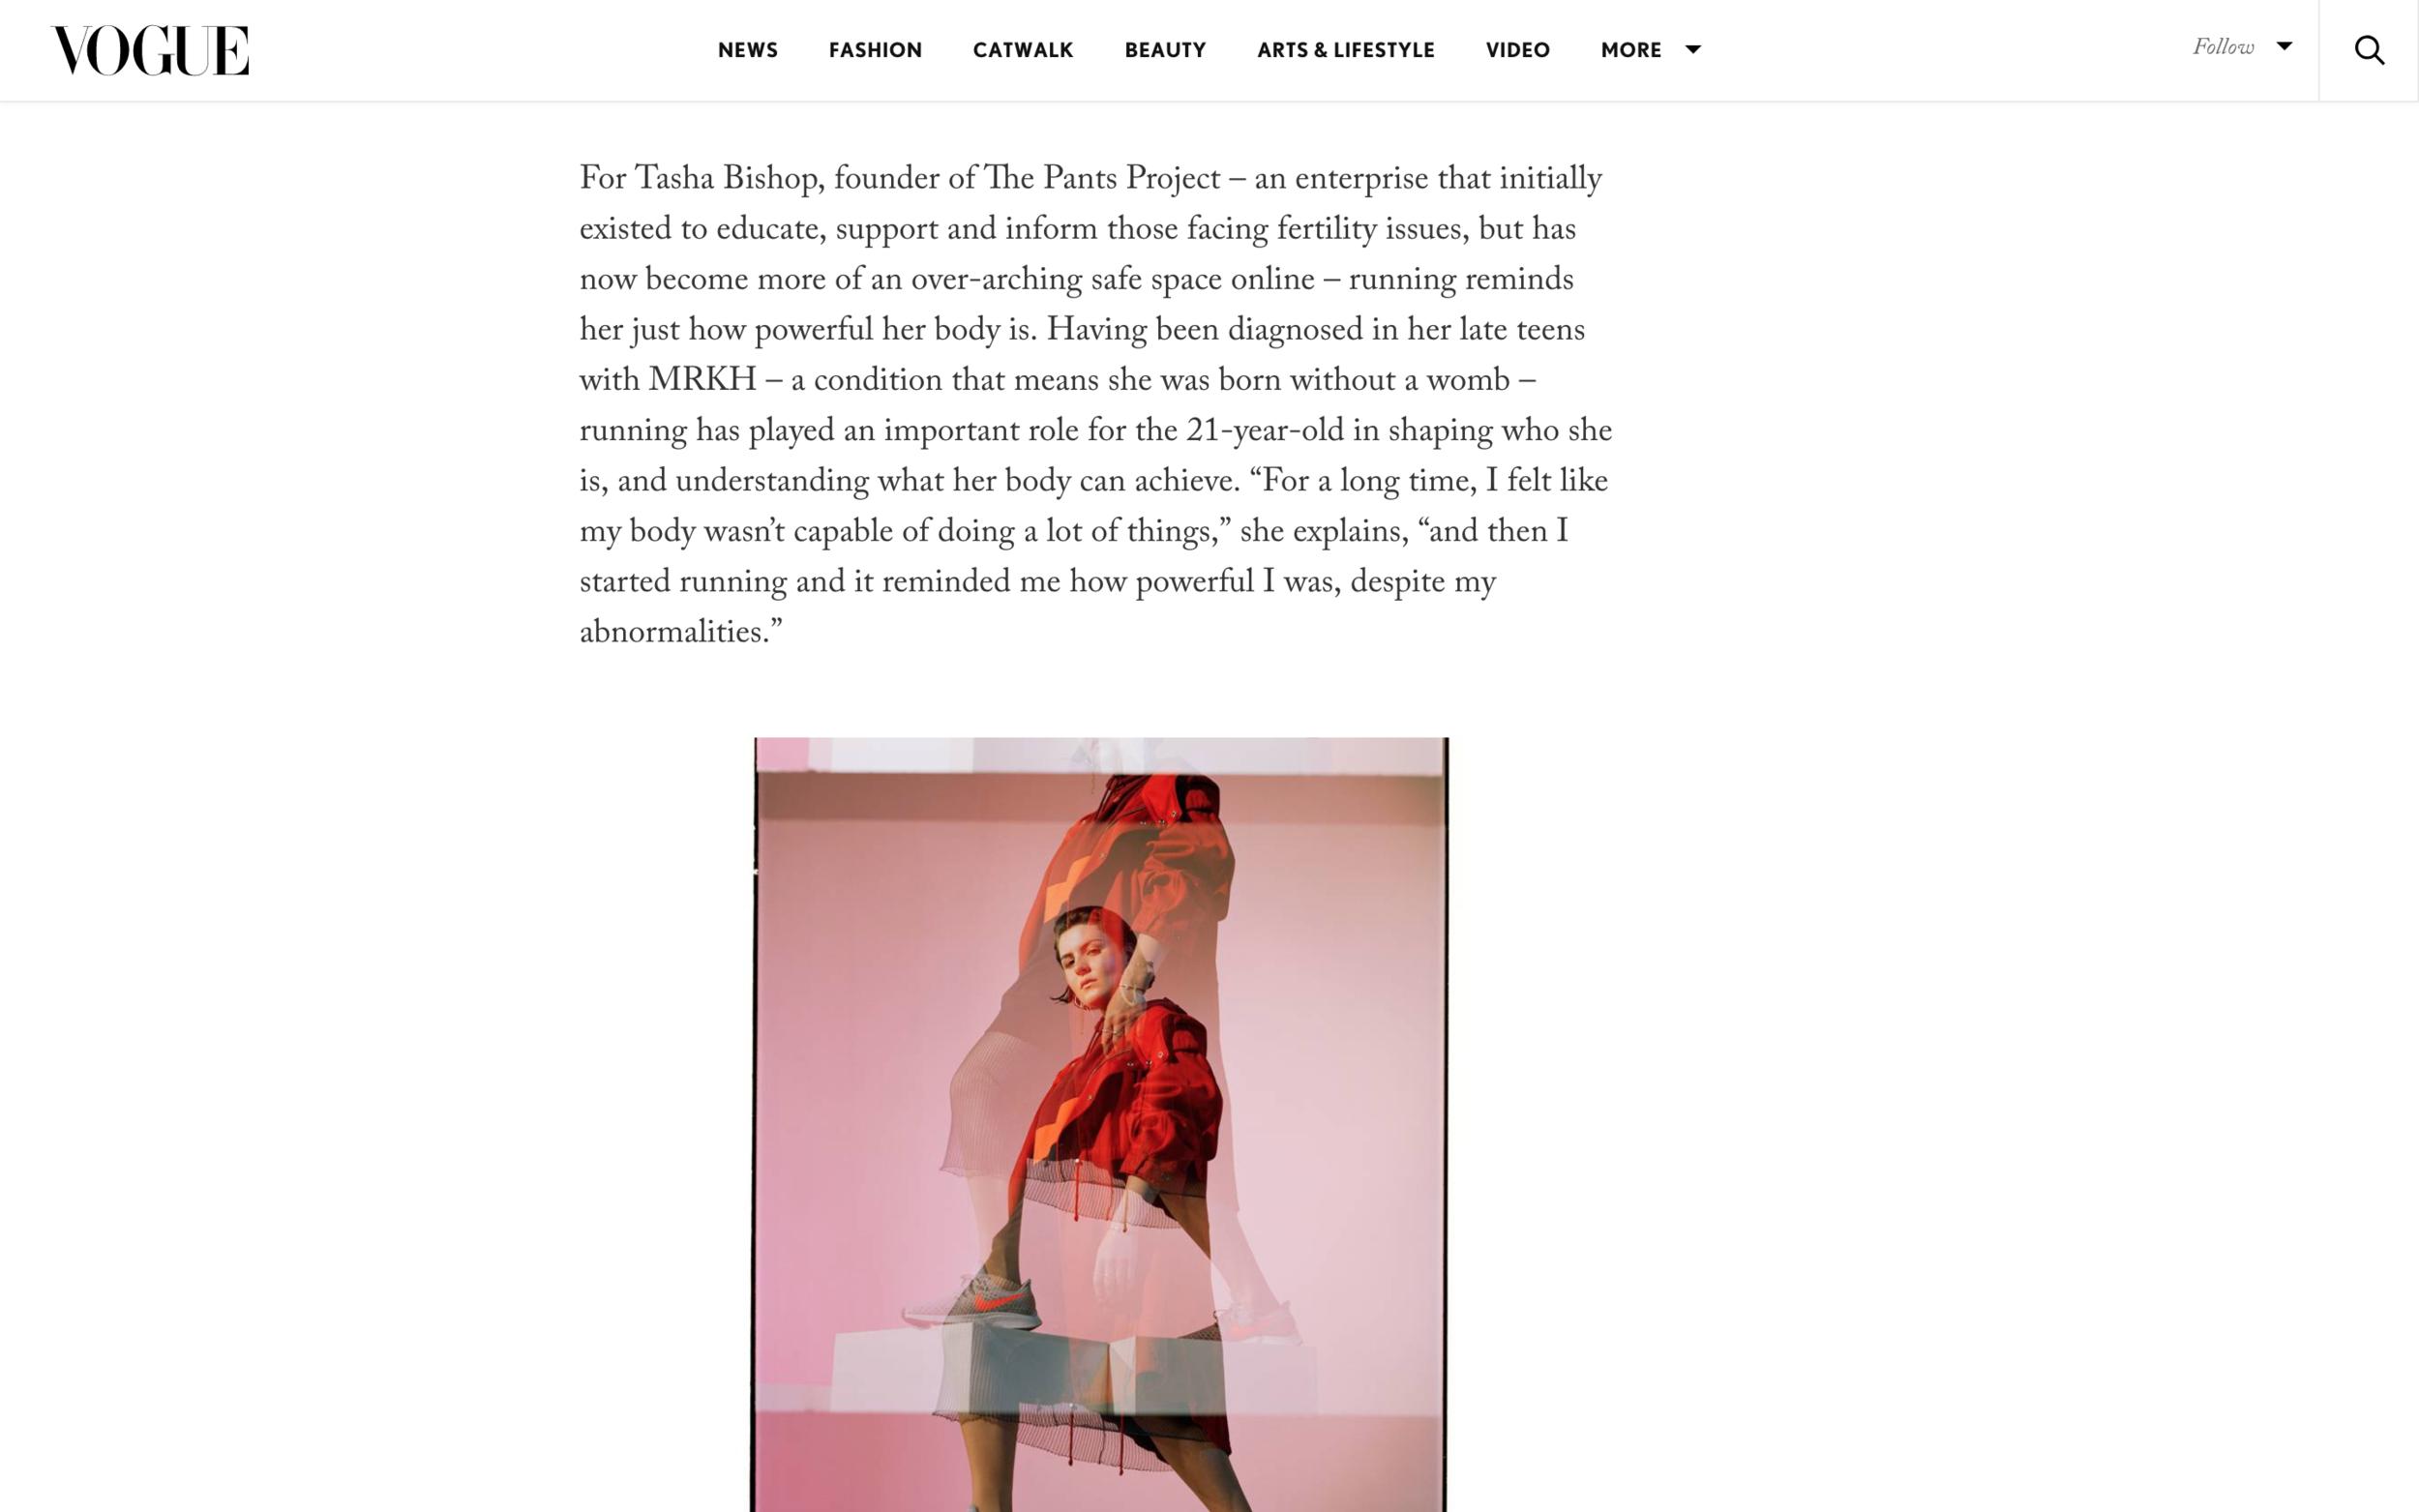 British Vogue (Magazine, Online, YouTube)